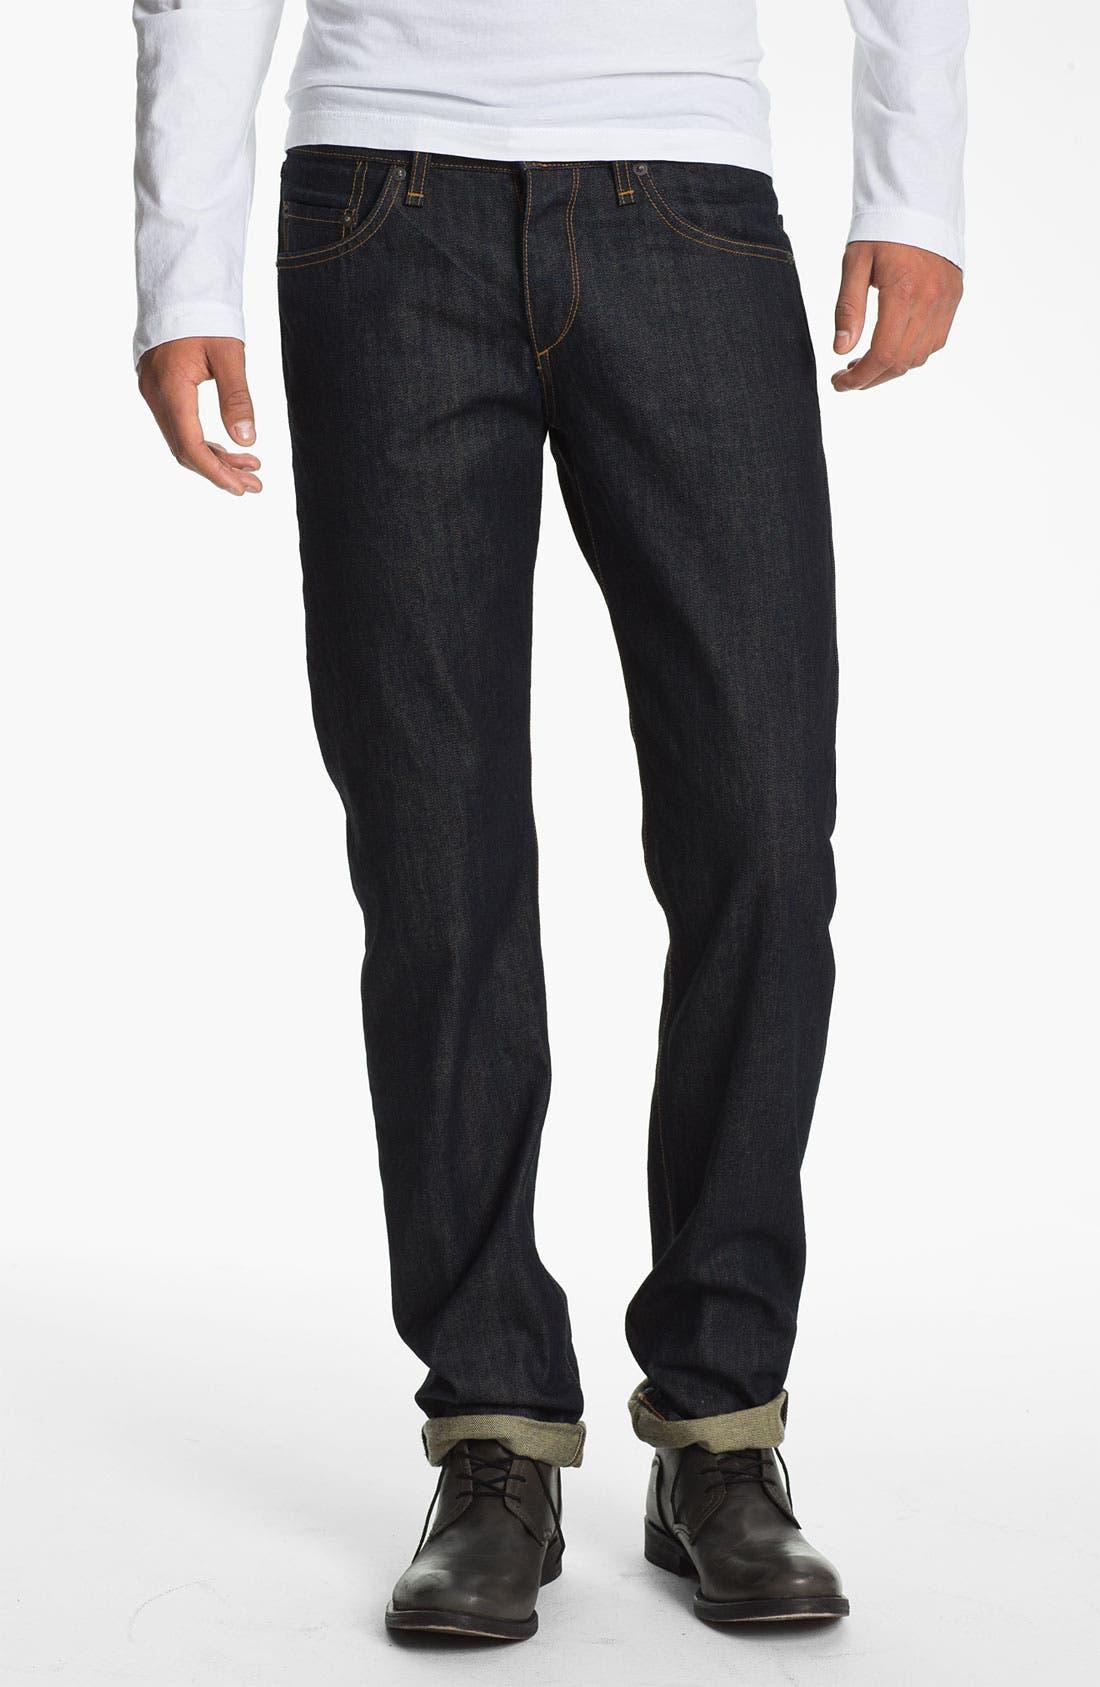 Alternate Image 1 Selected - rag & bone 'RB19X' Slim Straight Leg Jeans (Olive Resin)